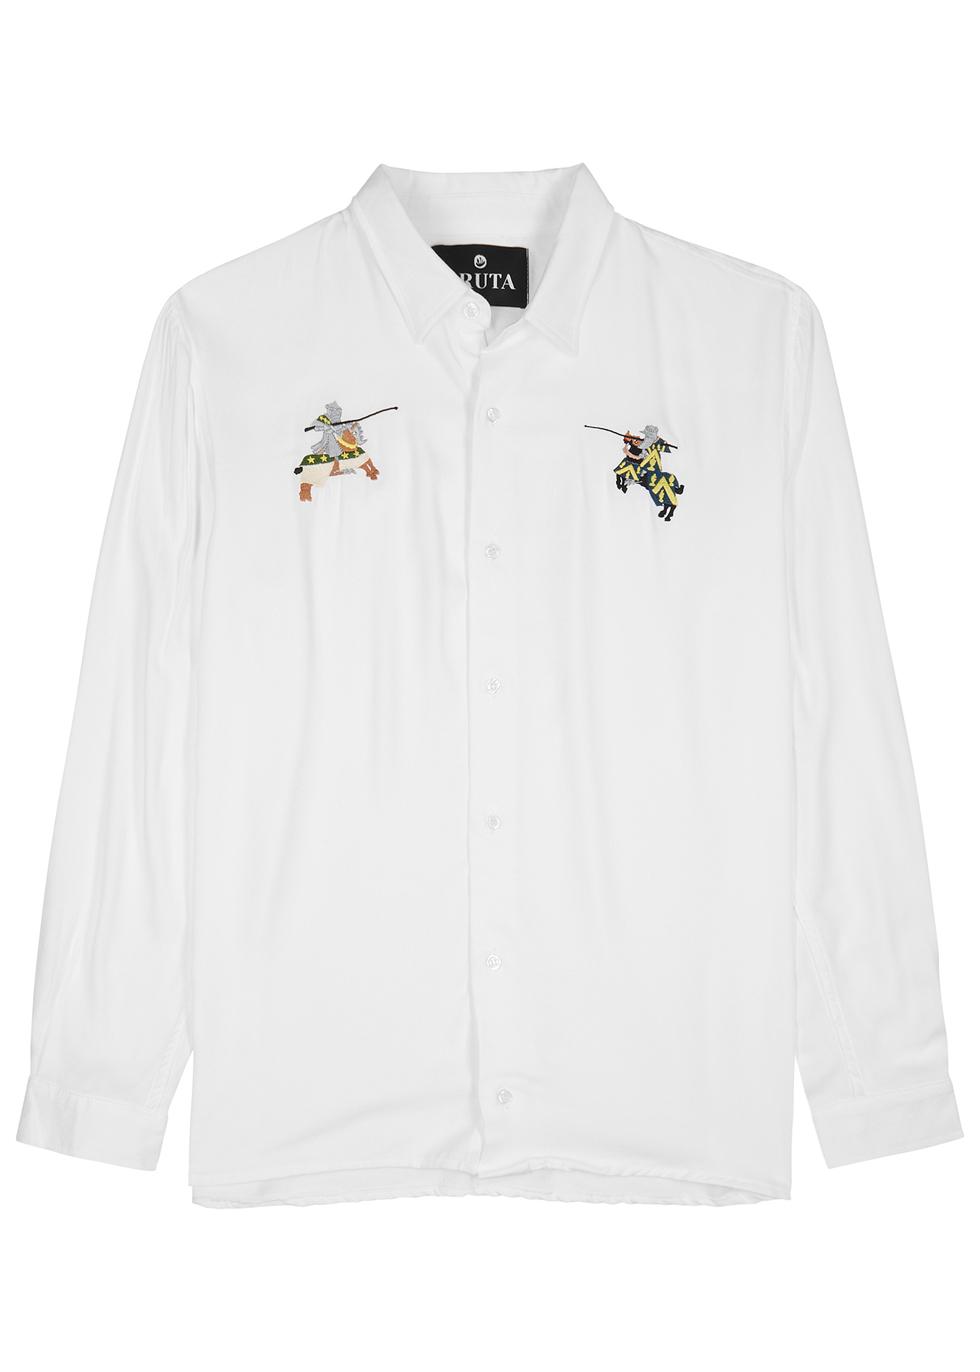 BRUTA Joust White Twill Shirt